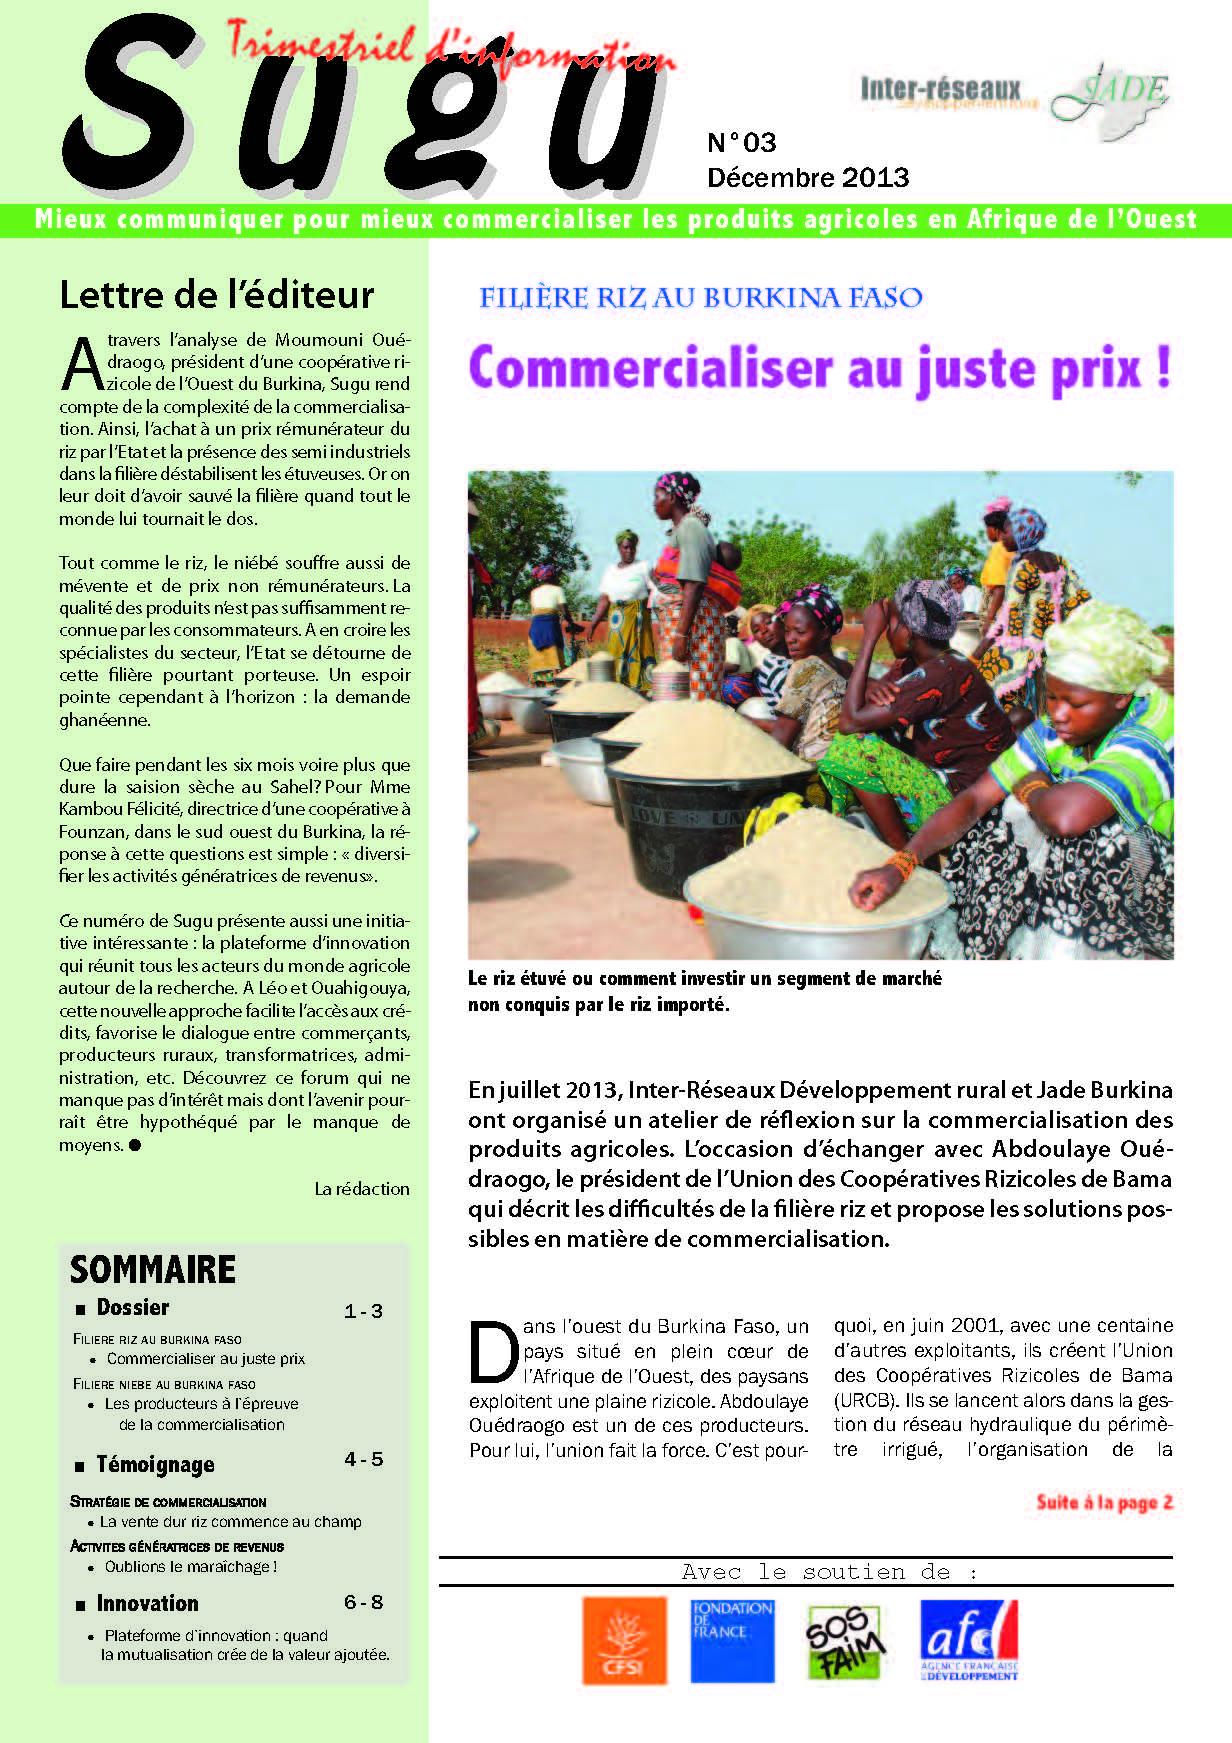 Sugu : mieux communiquer pour mieux commercialiser les produits agricoles en Afrique de l'Ouest